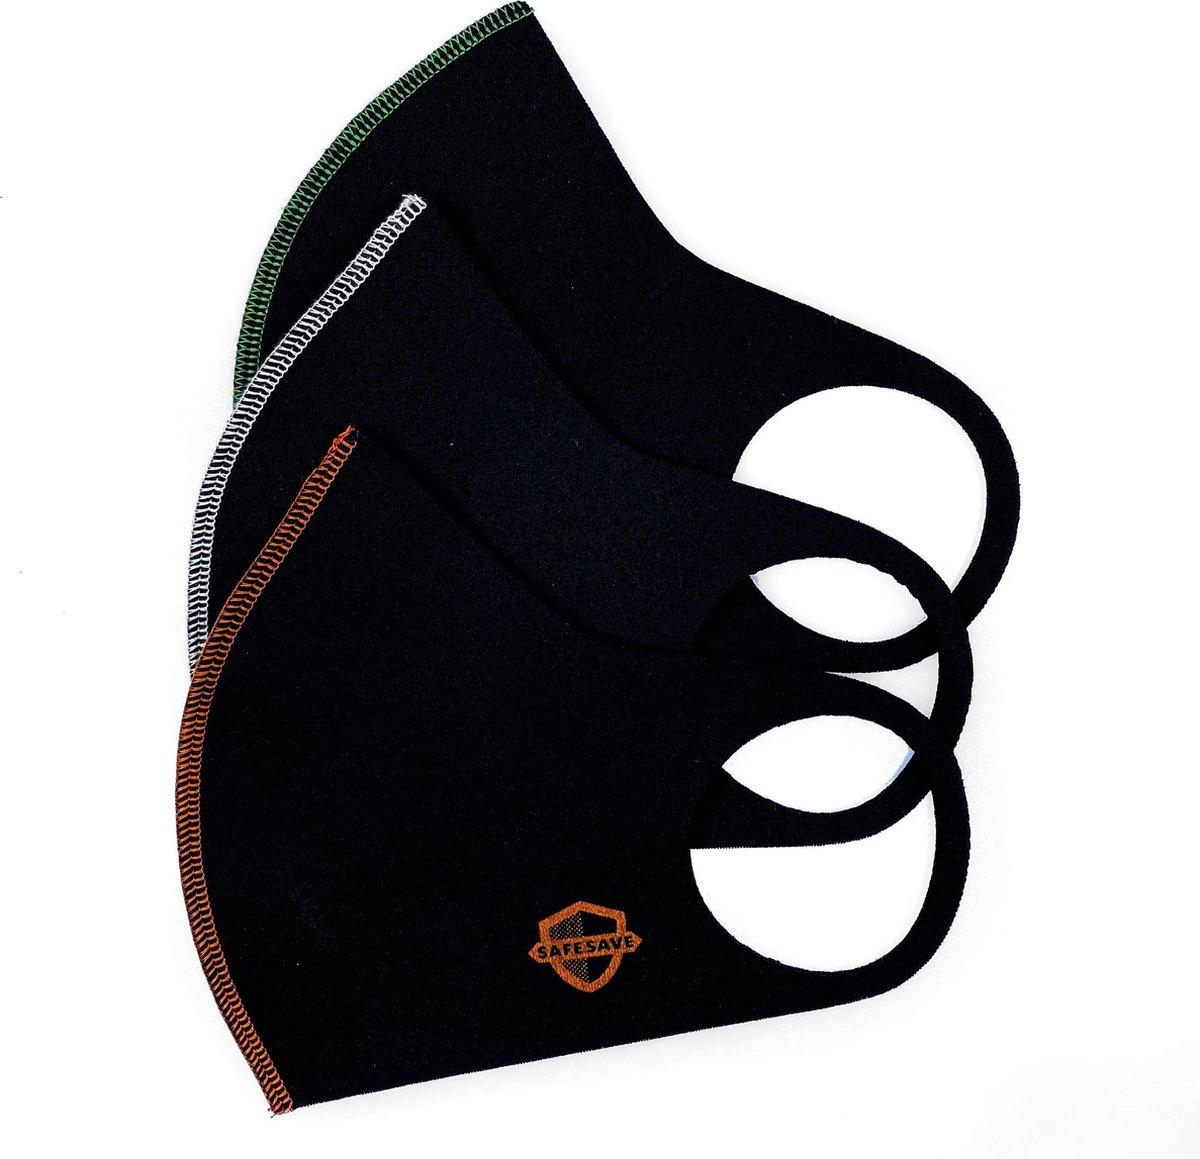 SAFESAVE niet medisch neon zwart mondkapje wasbaar en herbruikbaar- modieuze mondkapjes met print- duurzaam neopreen stoffen mondmaskers- unisex ov geschikt face mask boven 13 jaar-3 stuks - SafeSave